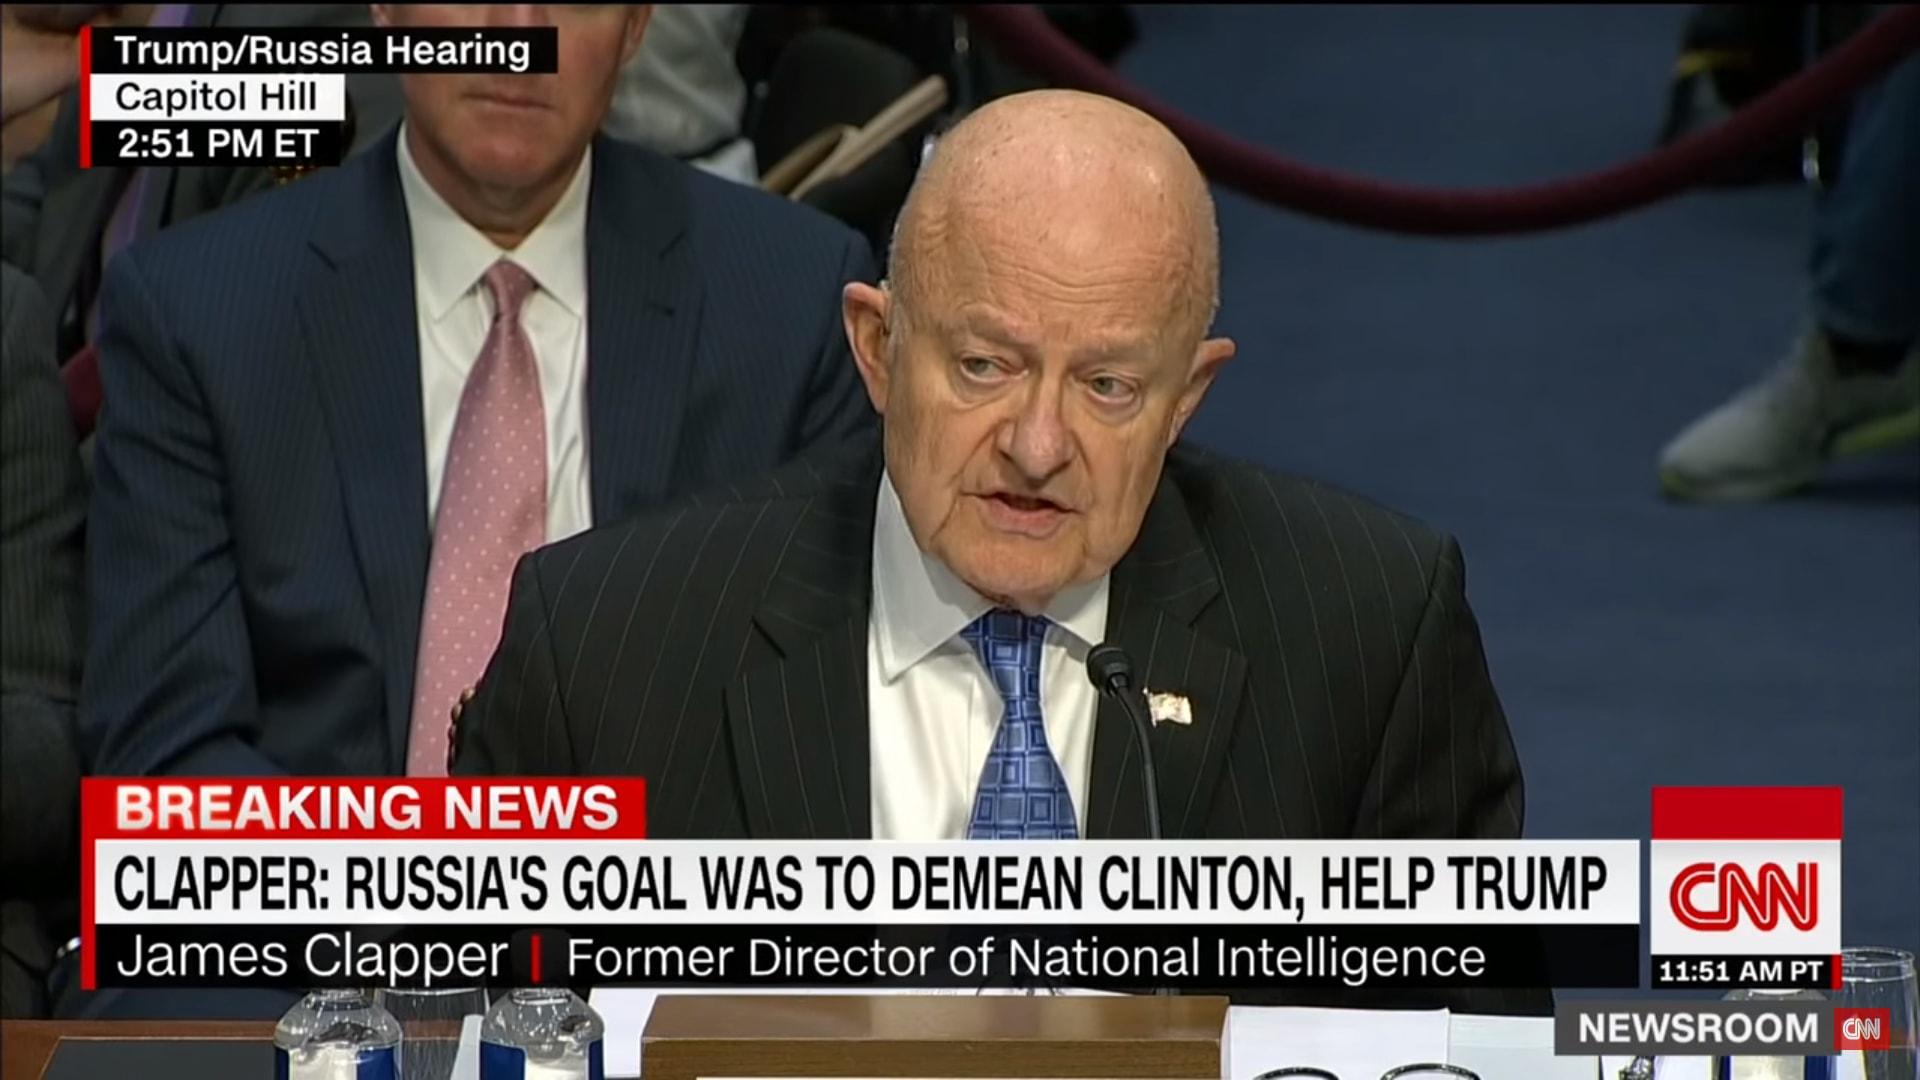 جيمس كلابر: بوتين عمل لتنفيع ترامب وإهانة كلينتون